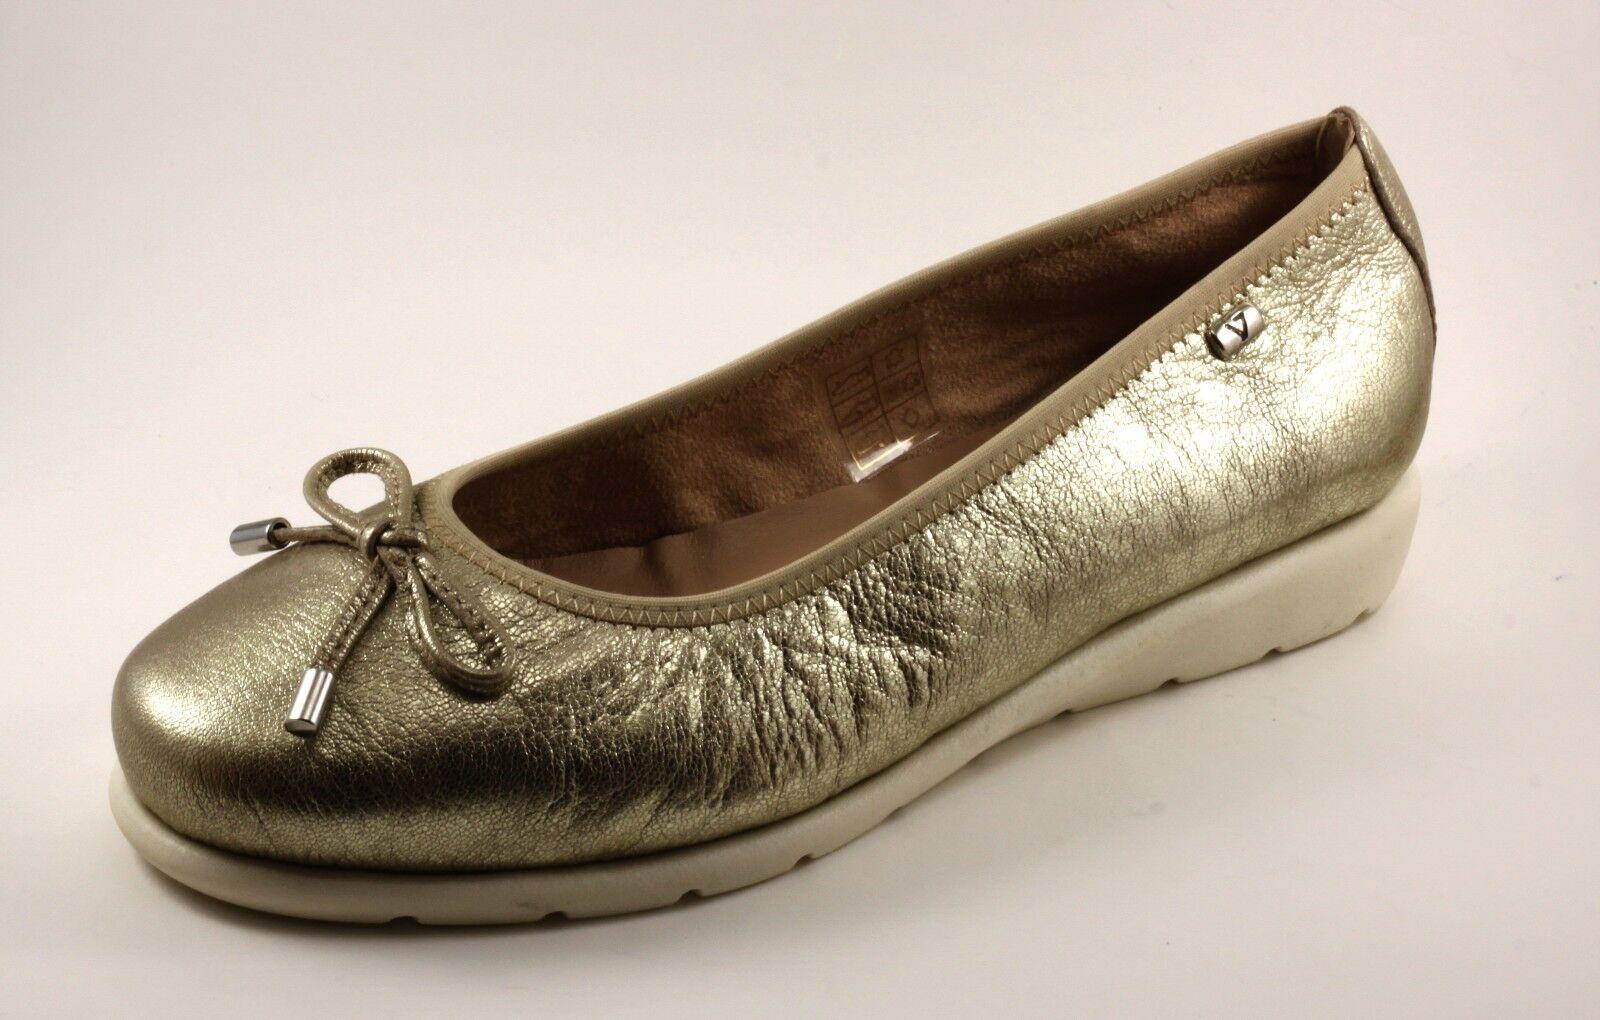 VALLEverde SCARPE DONNA BALLERINE ESTIVE IN PELLE oro oro oro PLATINO MODA CONFORT n. 36 0cc7dd